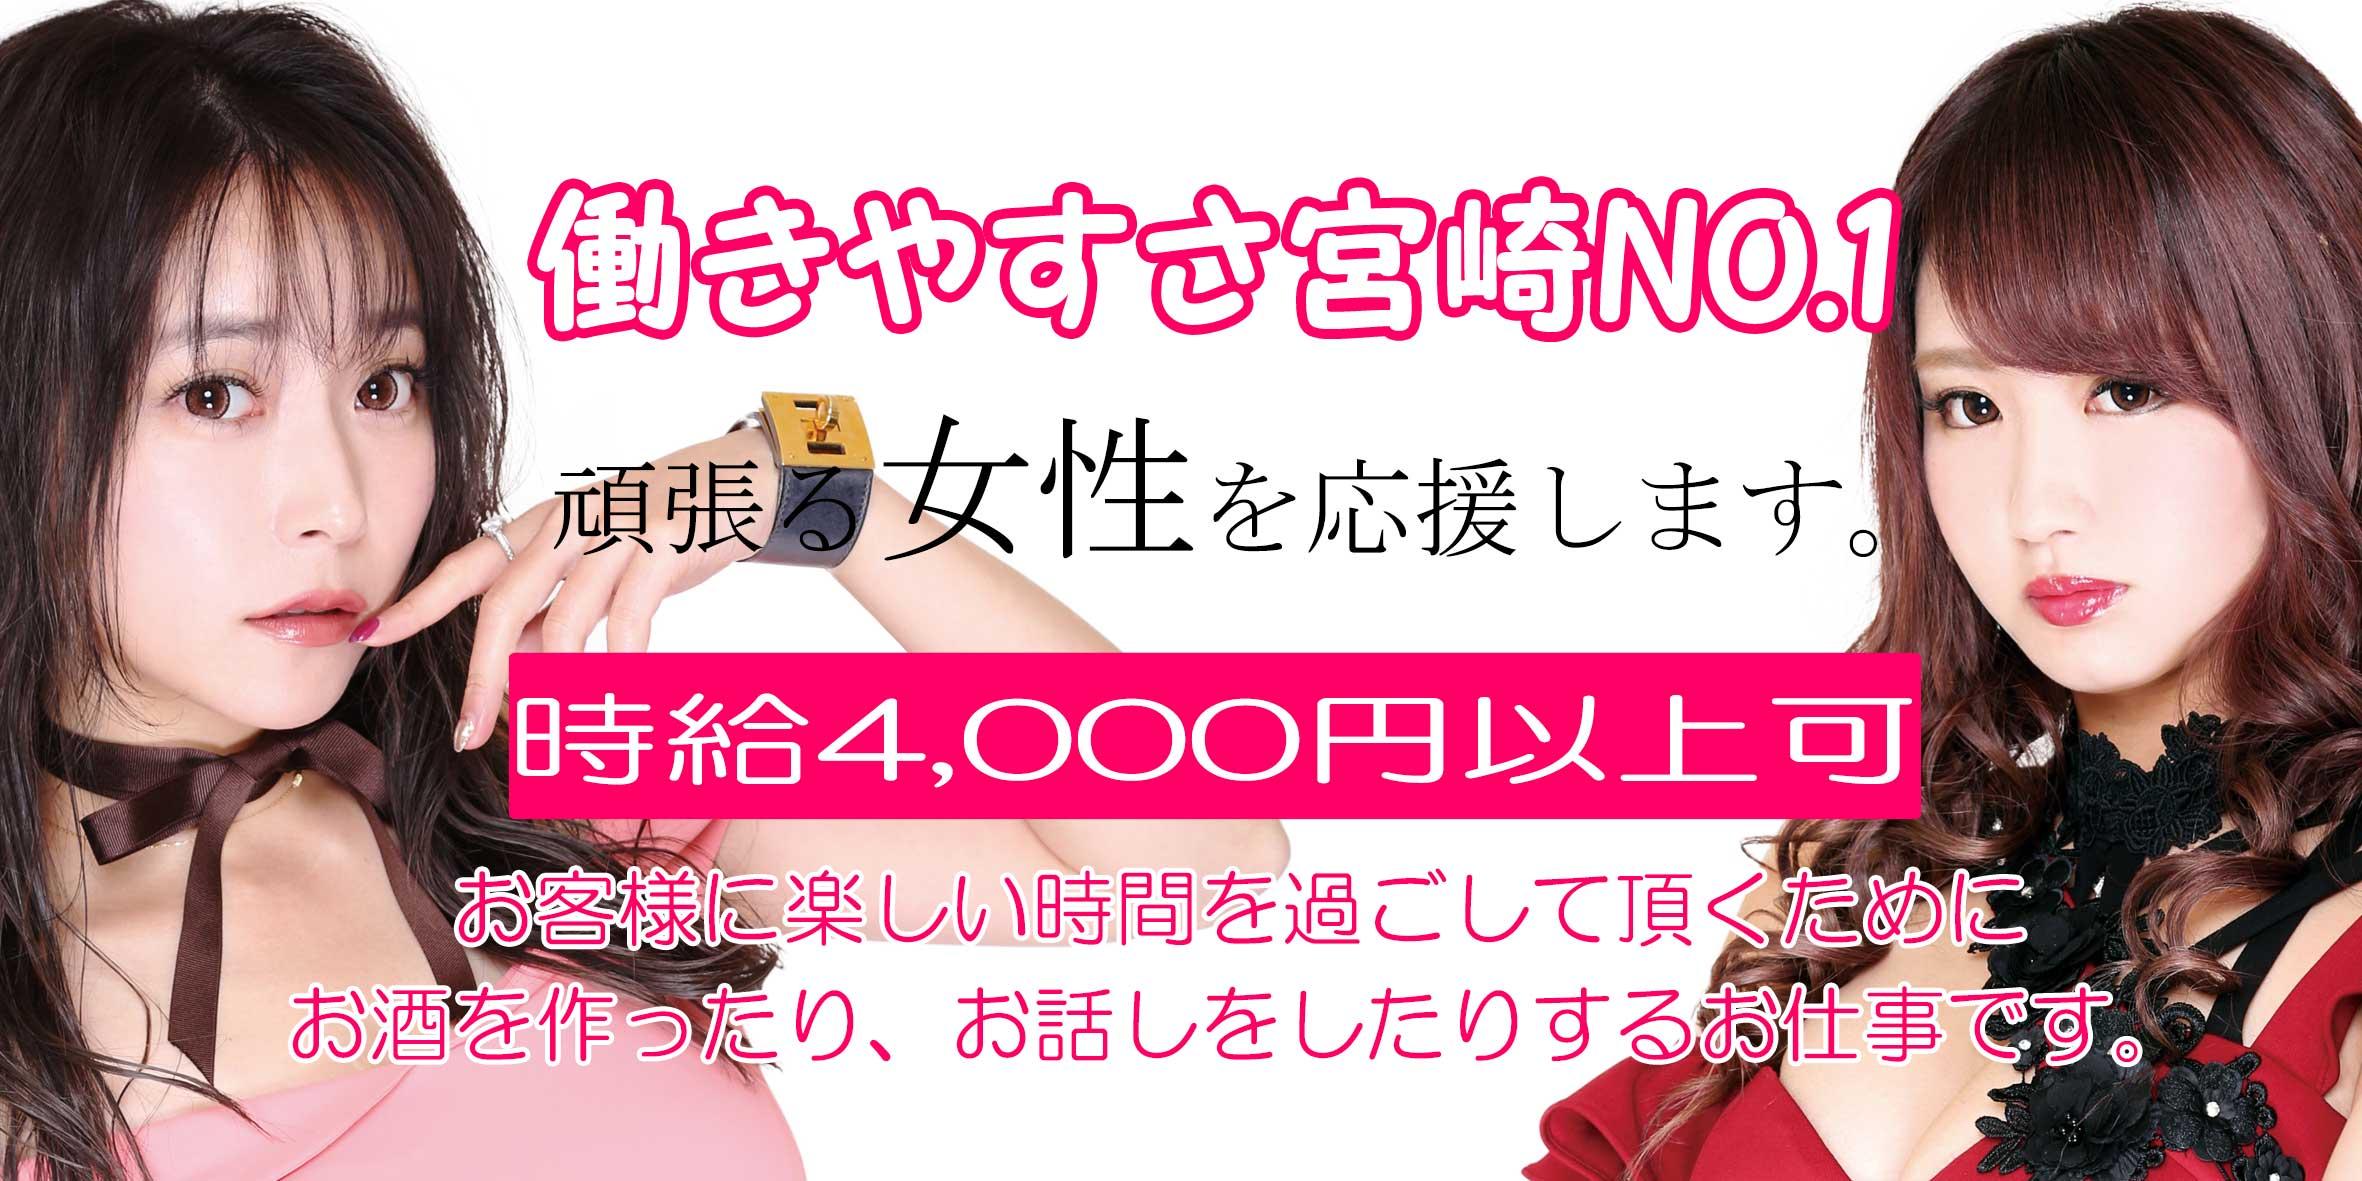 宮崎キャバクライノベーショングループ求人バナー